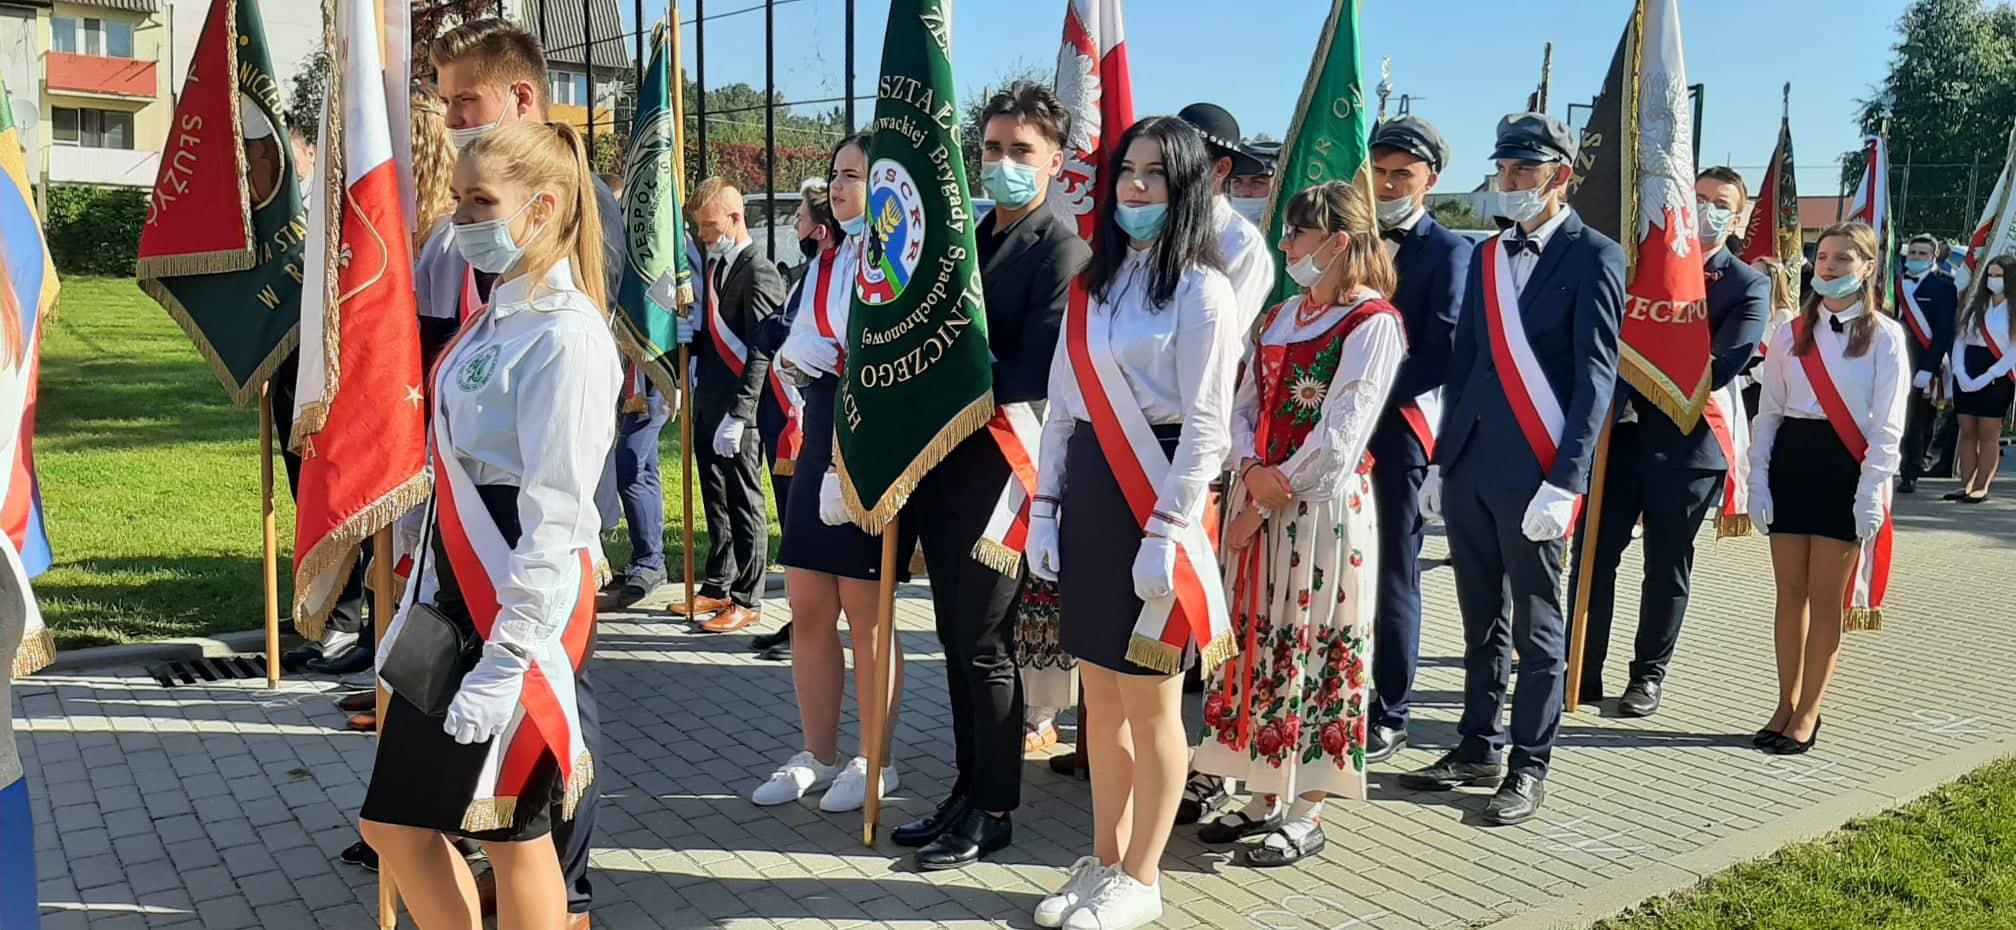 Ogólnopolska inauguracja roku szkolnego 2021/2022 w Studziańcu